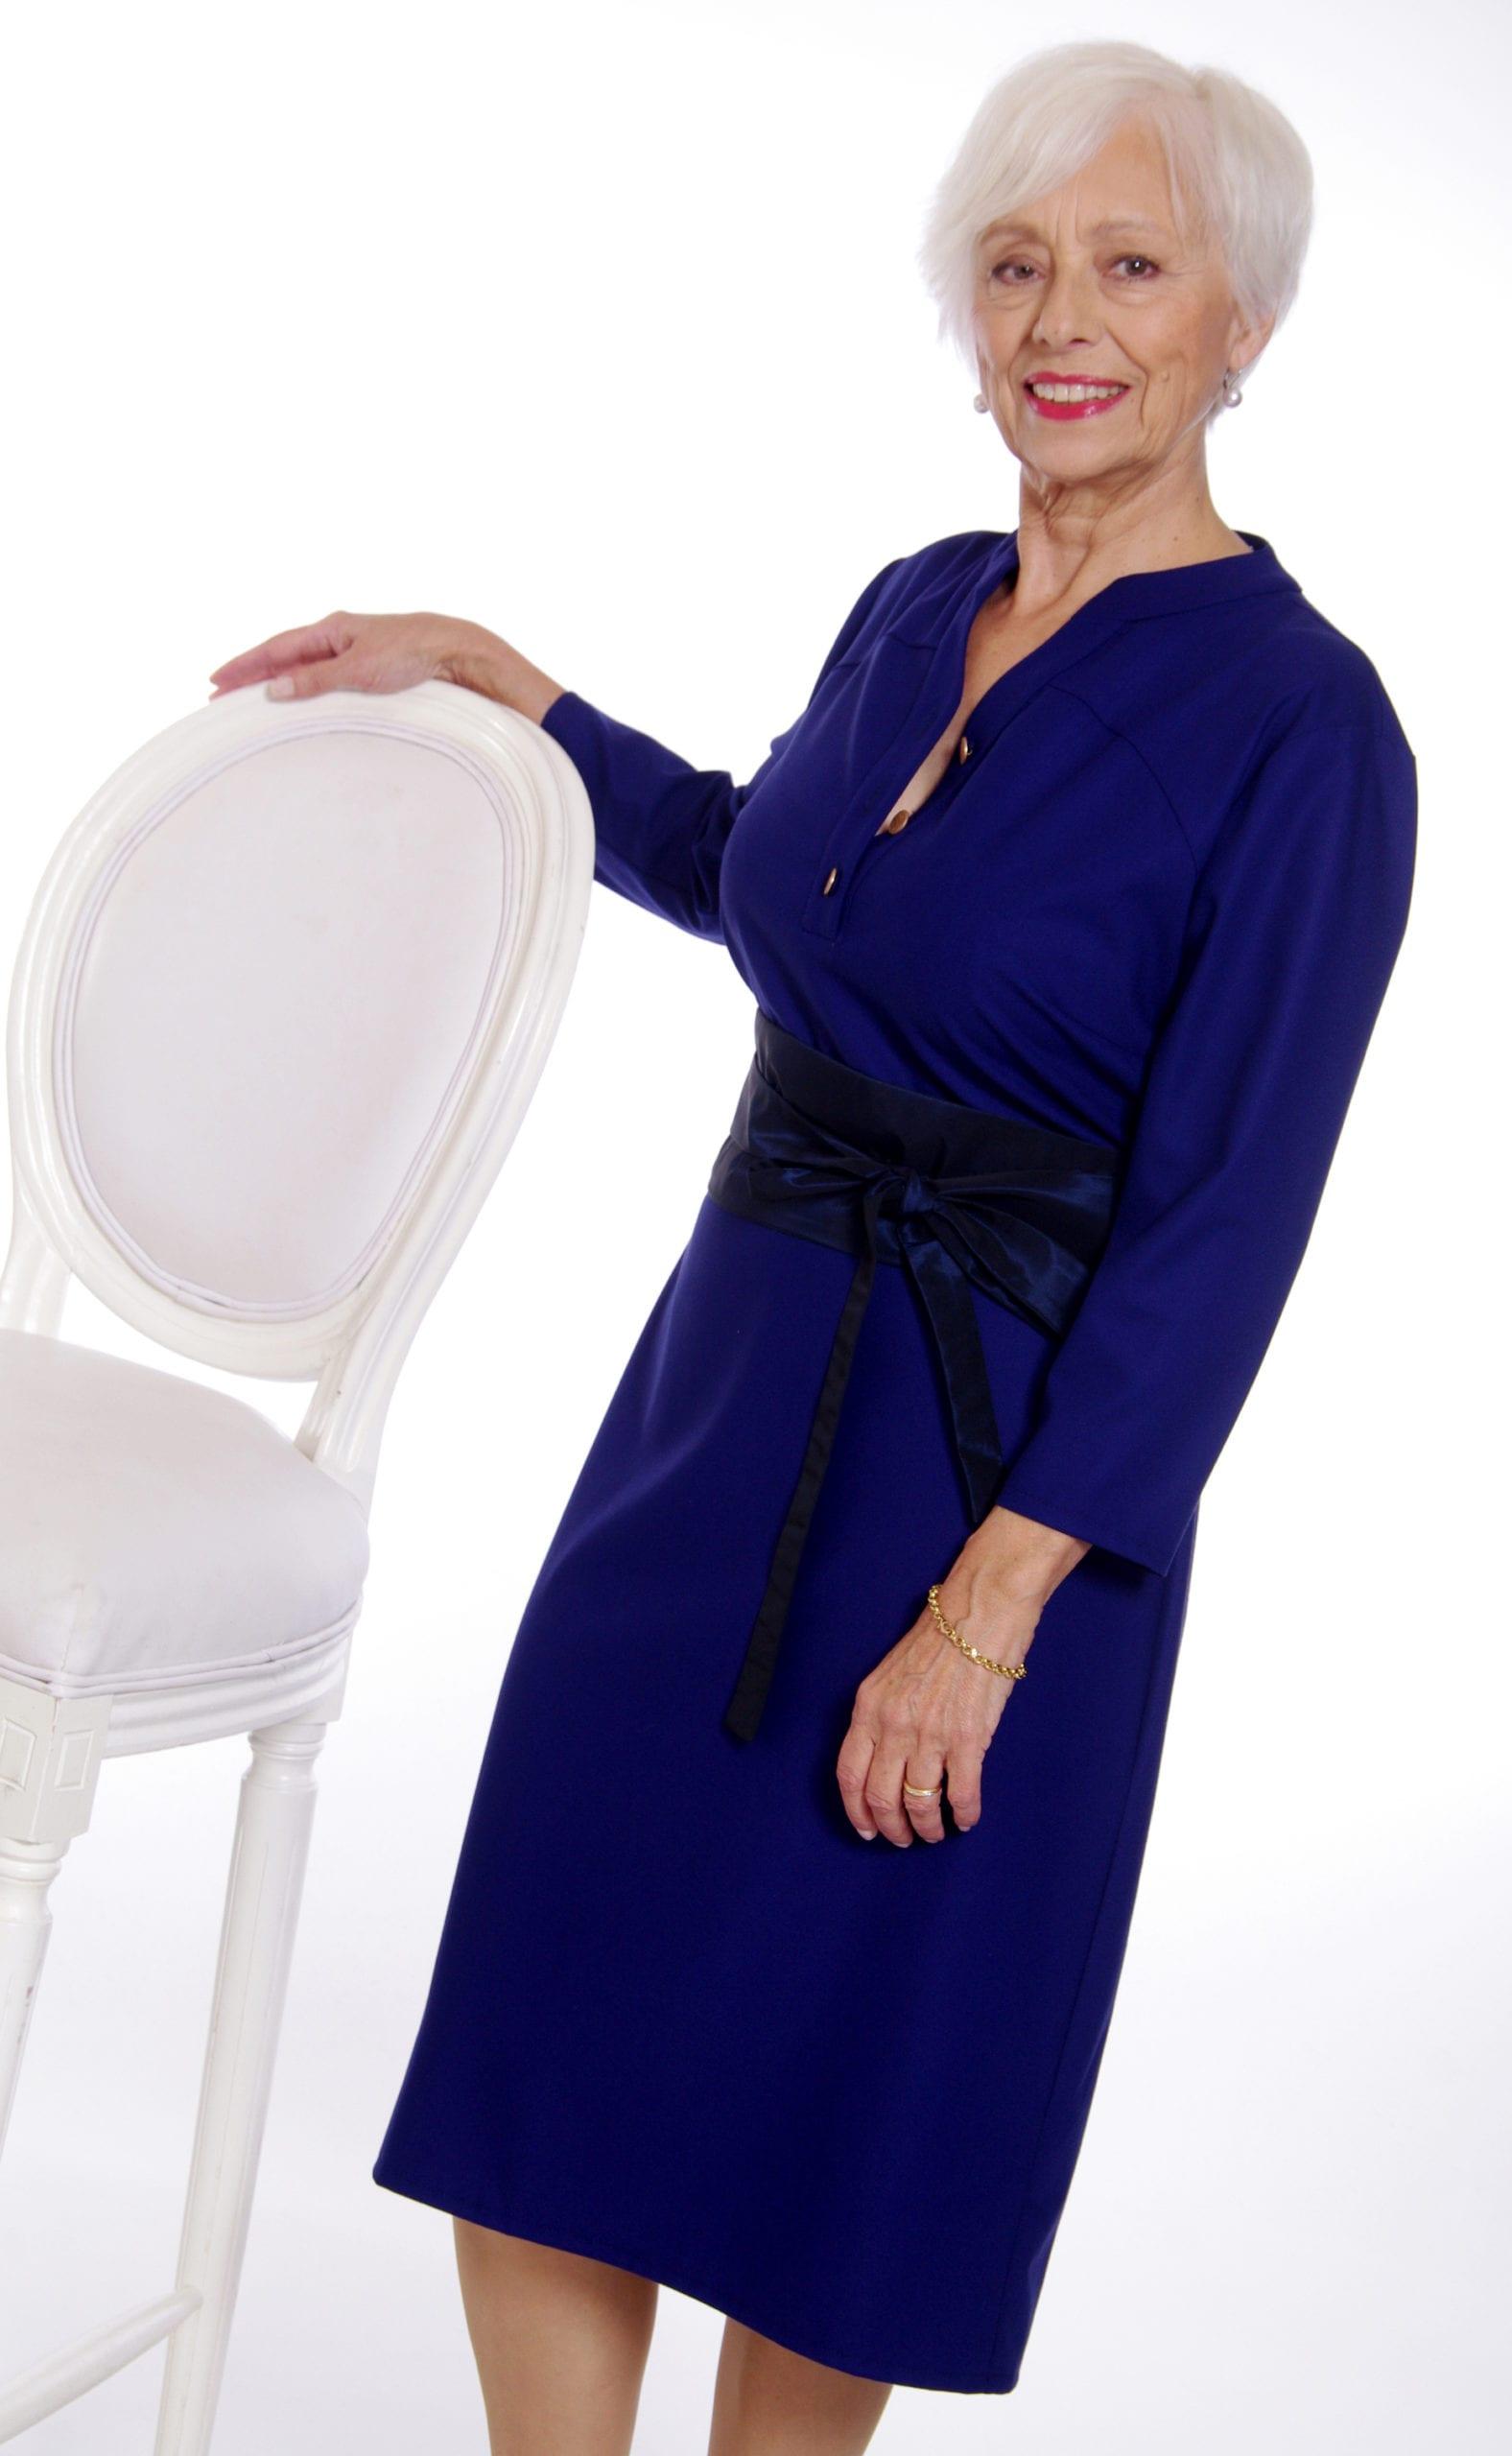 Robe pour femme plus de 60 ans - Photo femme 50 ans ...